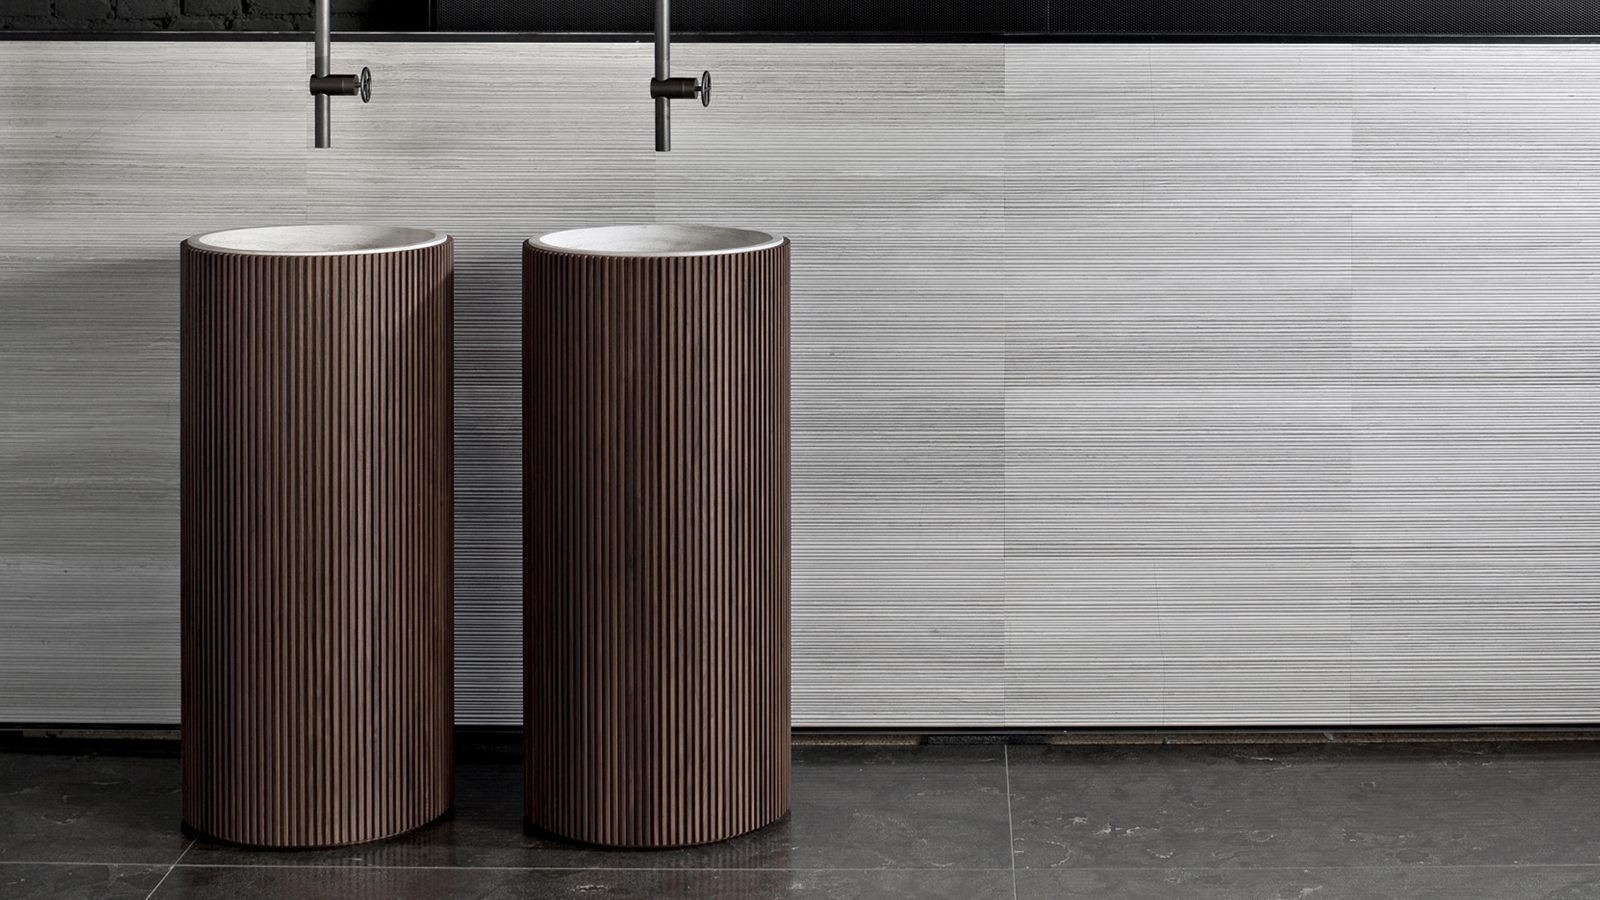 A Salvatori szabadon álló mosdókagylója, az Adda azok kedvence, akik szeretik a természetes kő, márvány látványát fürdőszobájukban. A termék kerek és négyszögletes formában is elérhető, többféle színváltozatban és felülettel is kérhető – a végeredmény mindig egy rendkívül elegáns, nagyvonalú darab lesz, mely a természetes anyagok felhasználásának köszönhetően mindig teljesen egyedi.